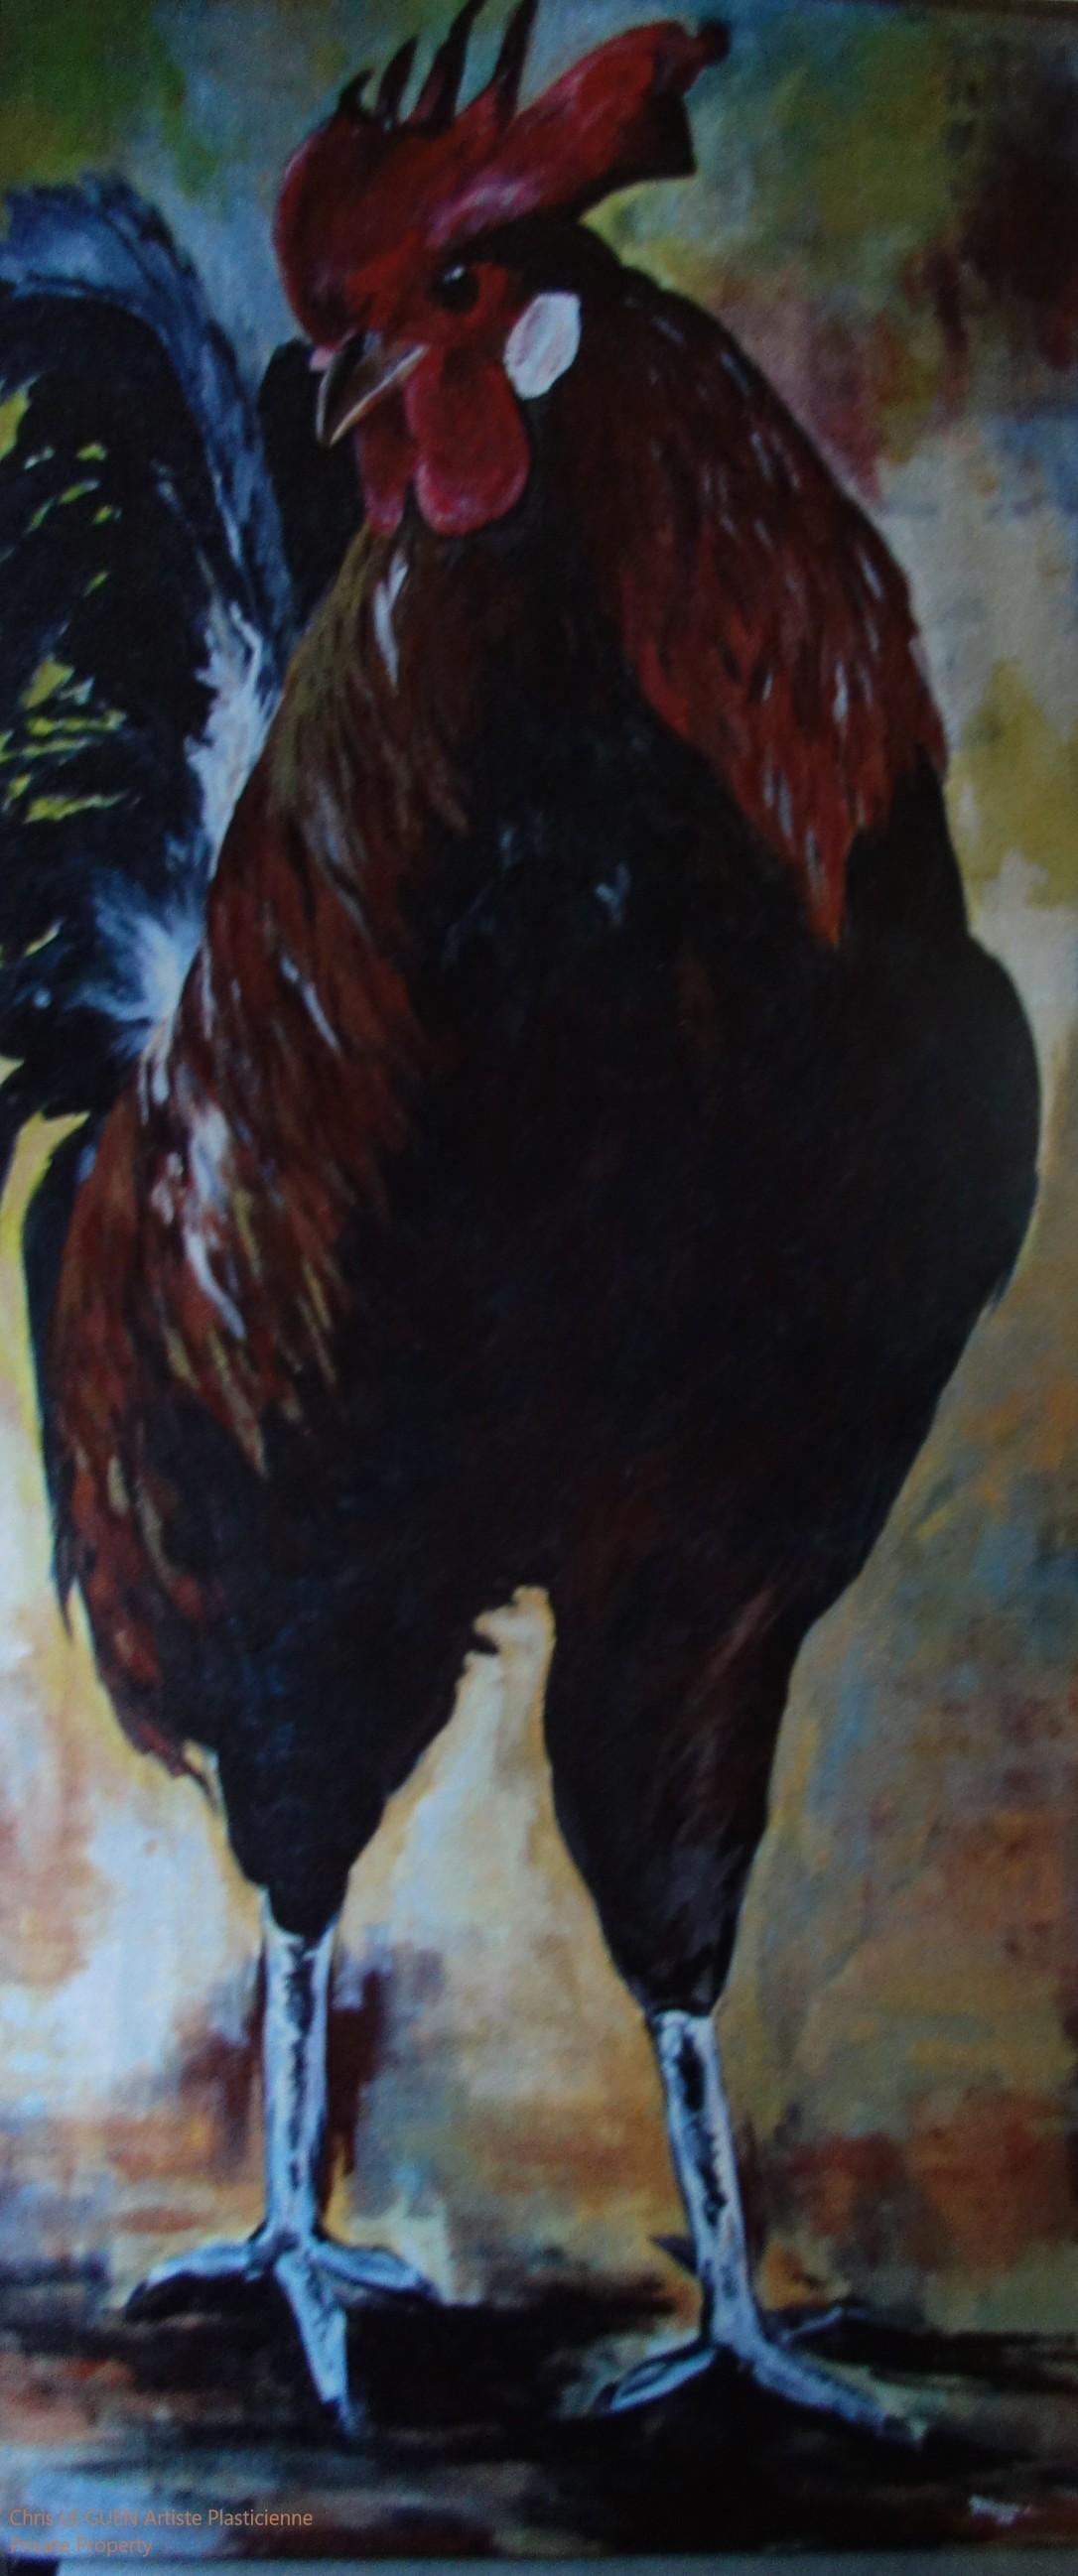 Chris Le Guen Artiste Plasticienne Peintre et sculptrice a peint Coq N°6